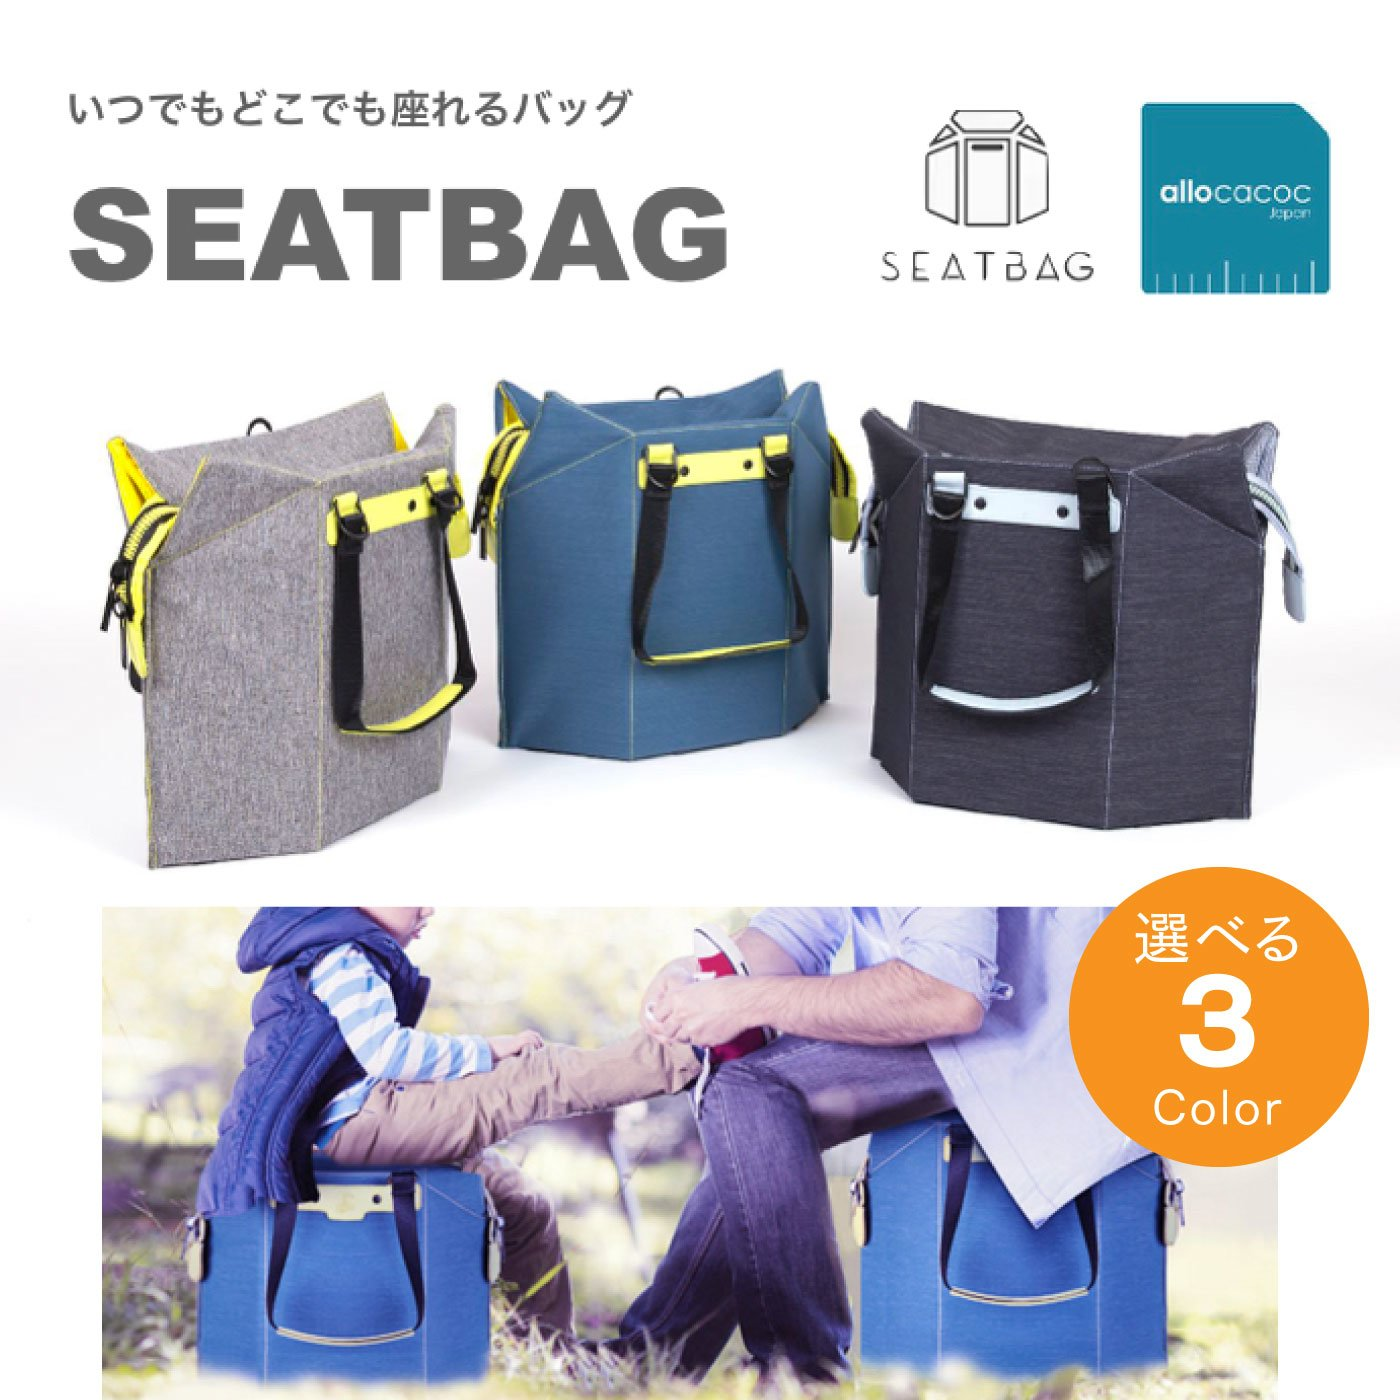 「バッグ=いす」ならこんなに便利! 丈夫でおしゃれなシートバッグ